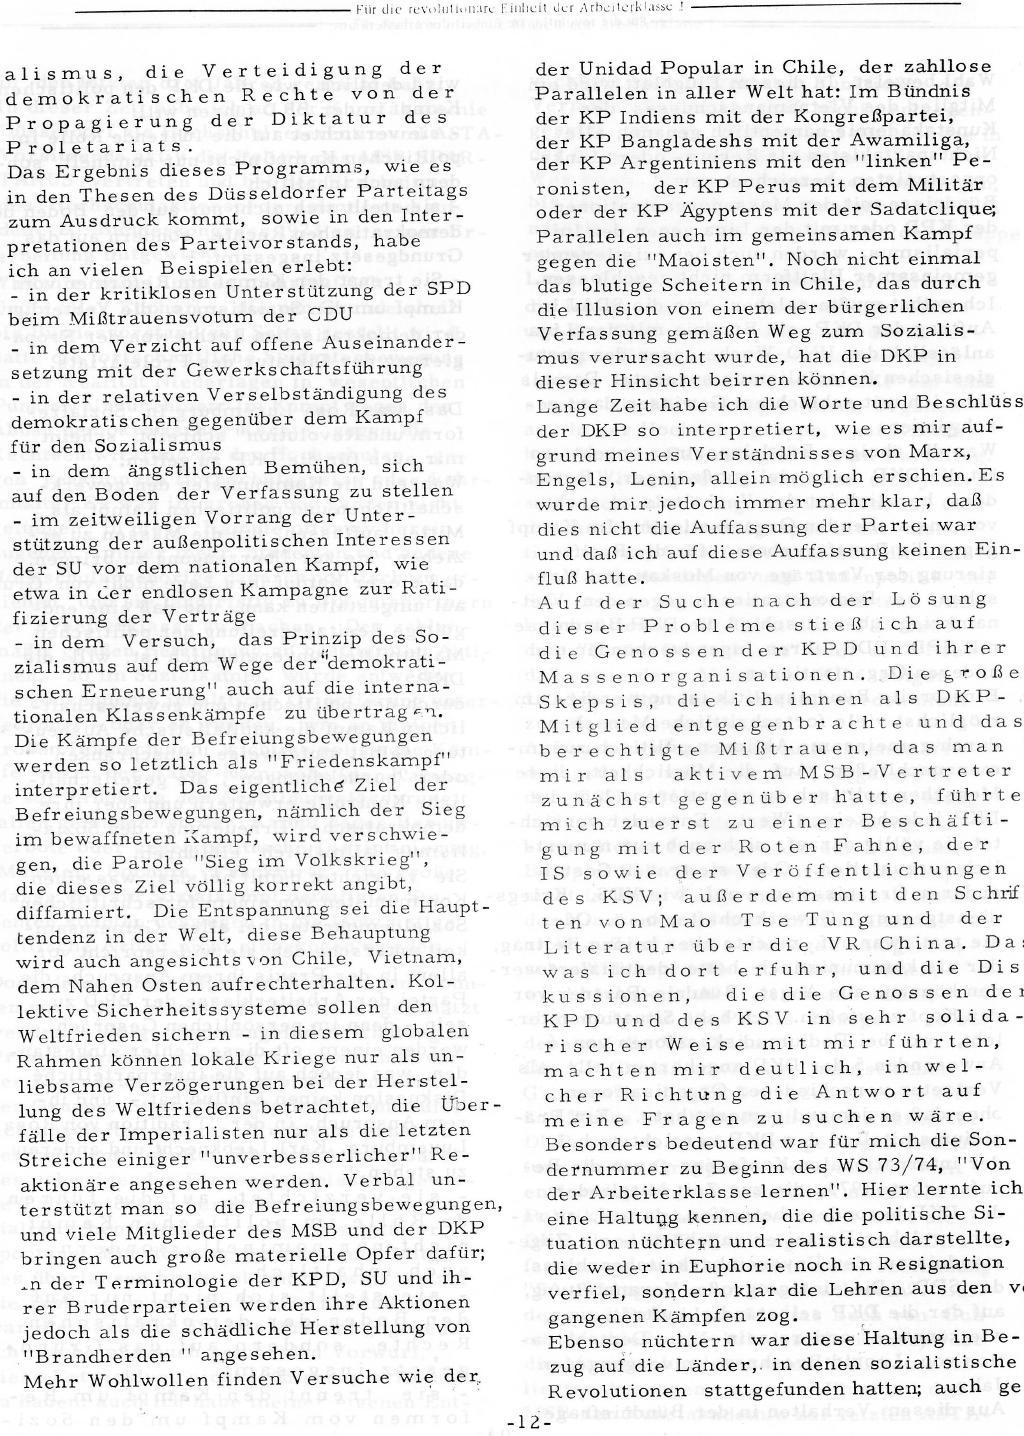 RPK_1974_12_15